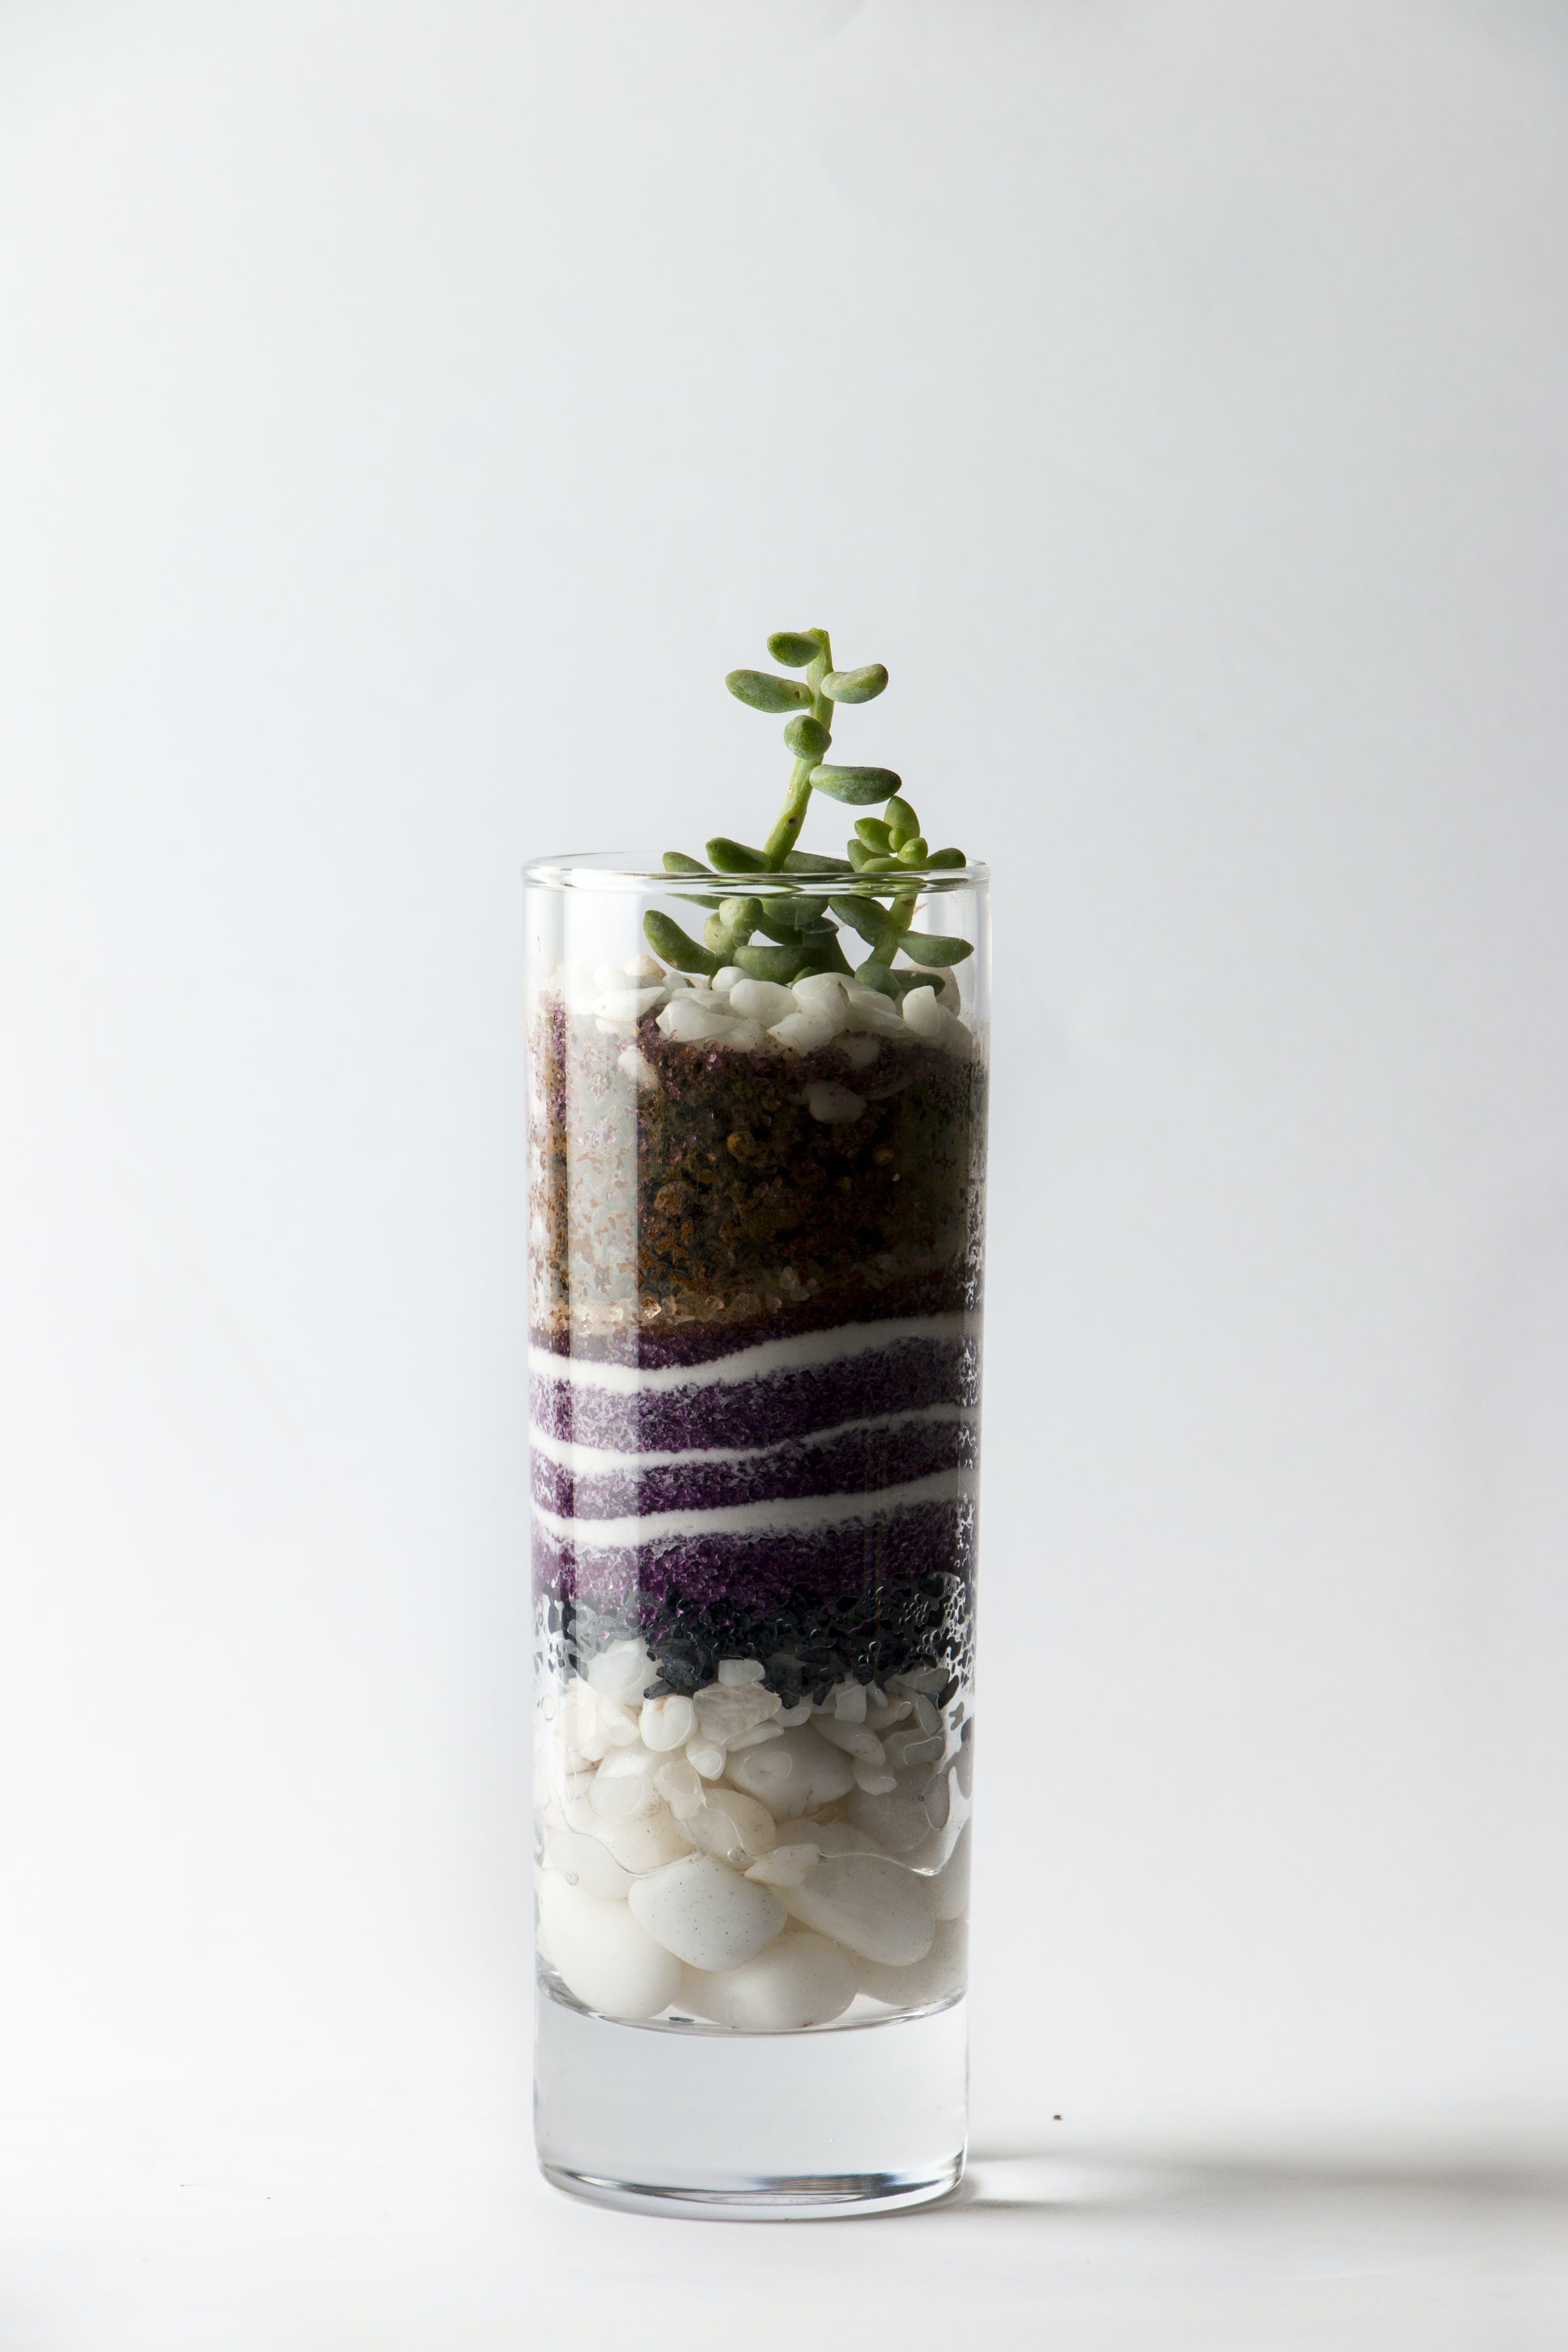 Free stock photo of Alma libre, garden, home decor, house plant